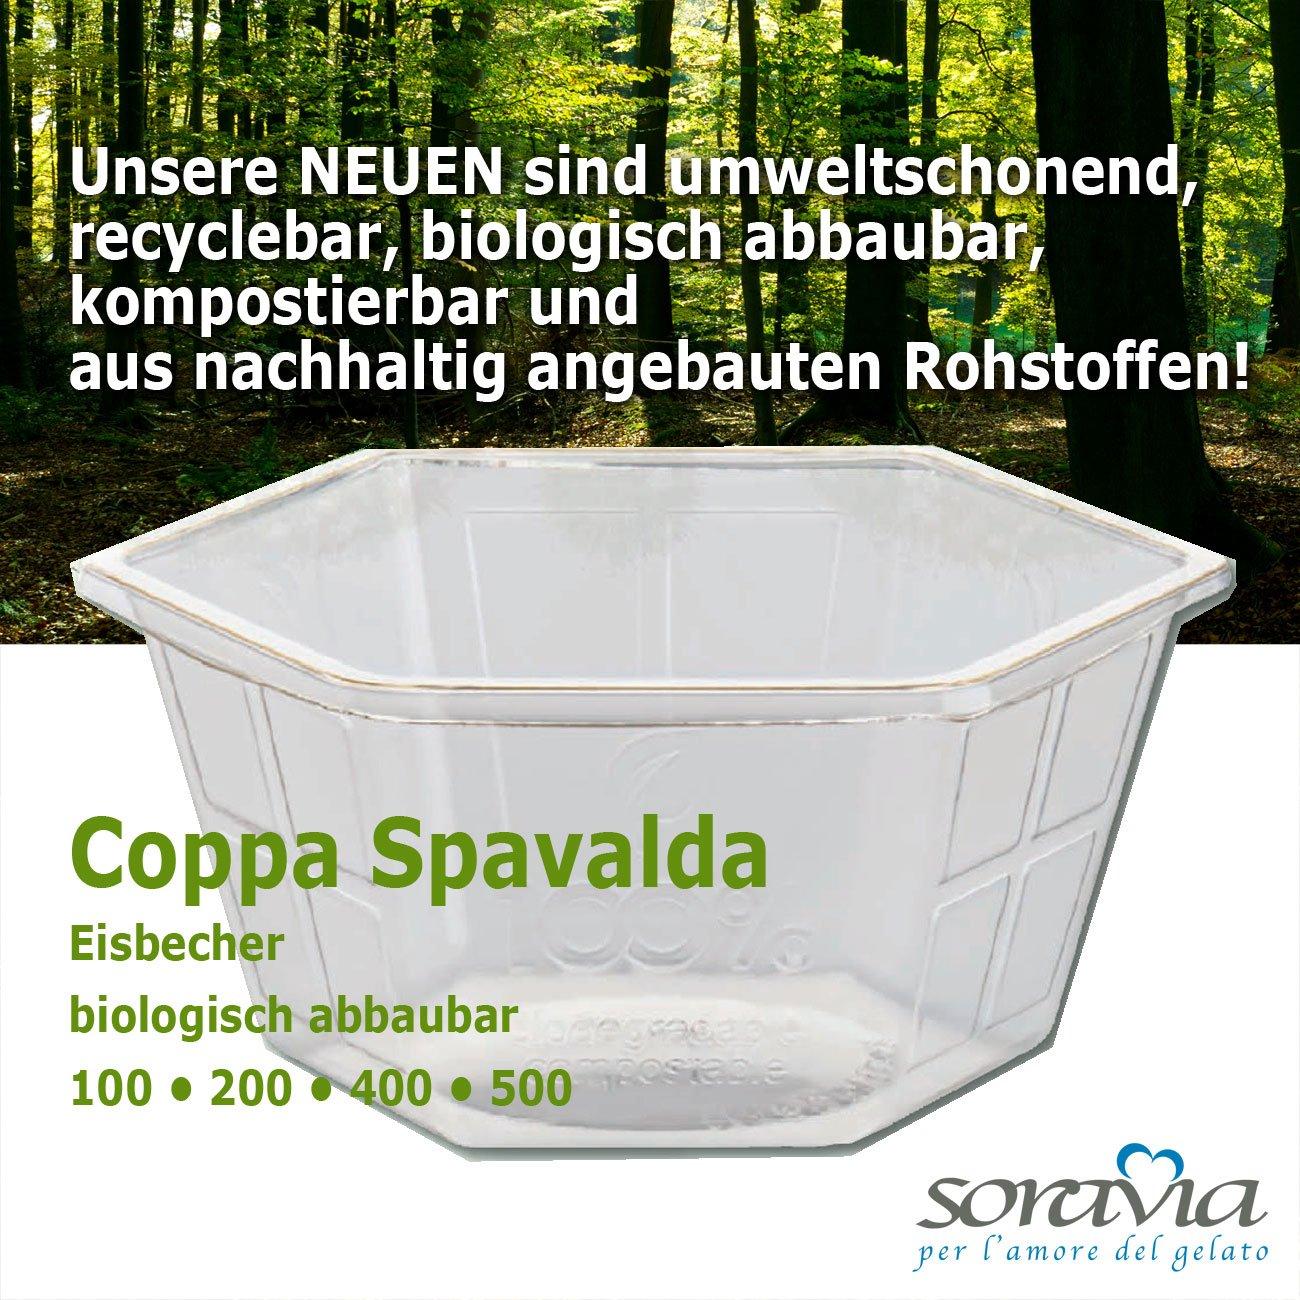 Coppa Spavalda 400 PLA - box 800 pieces - Ice cup Bio-Plastic - coppa plastica PLA